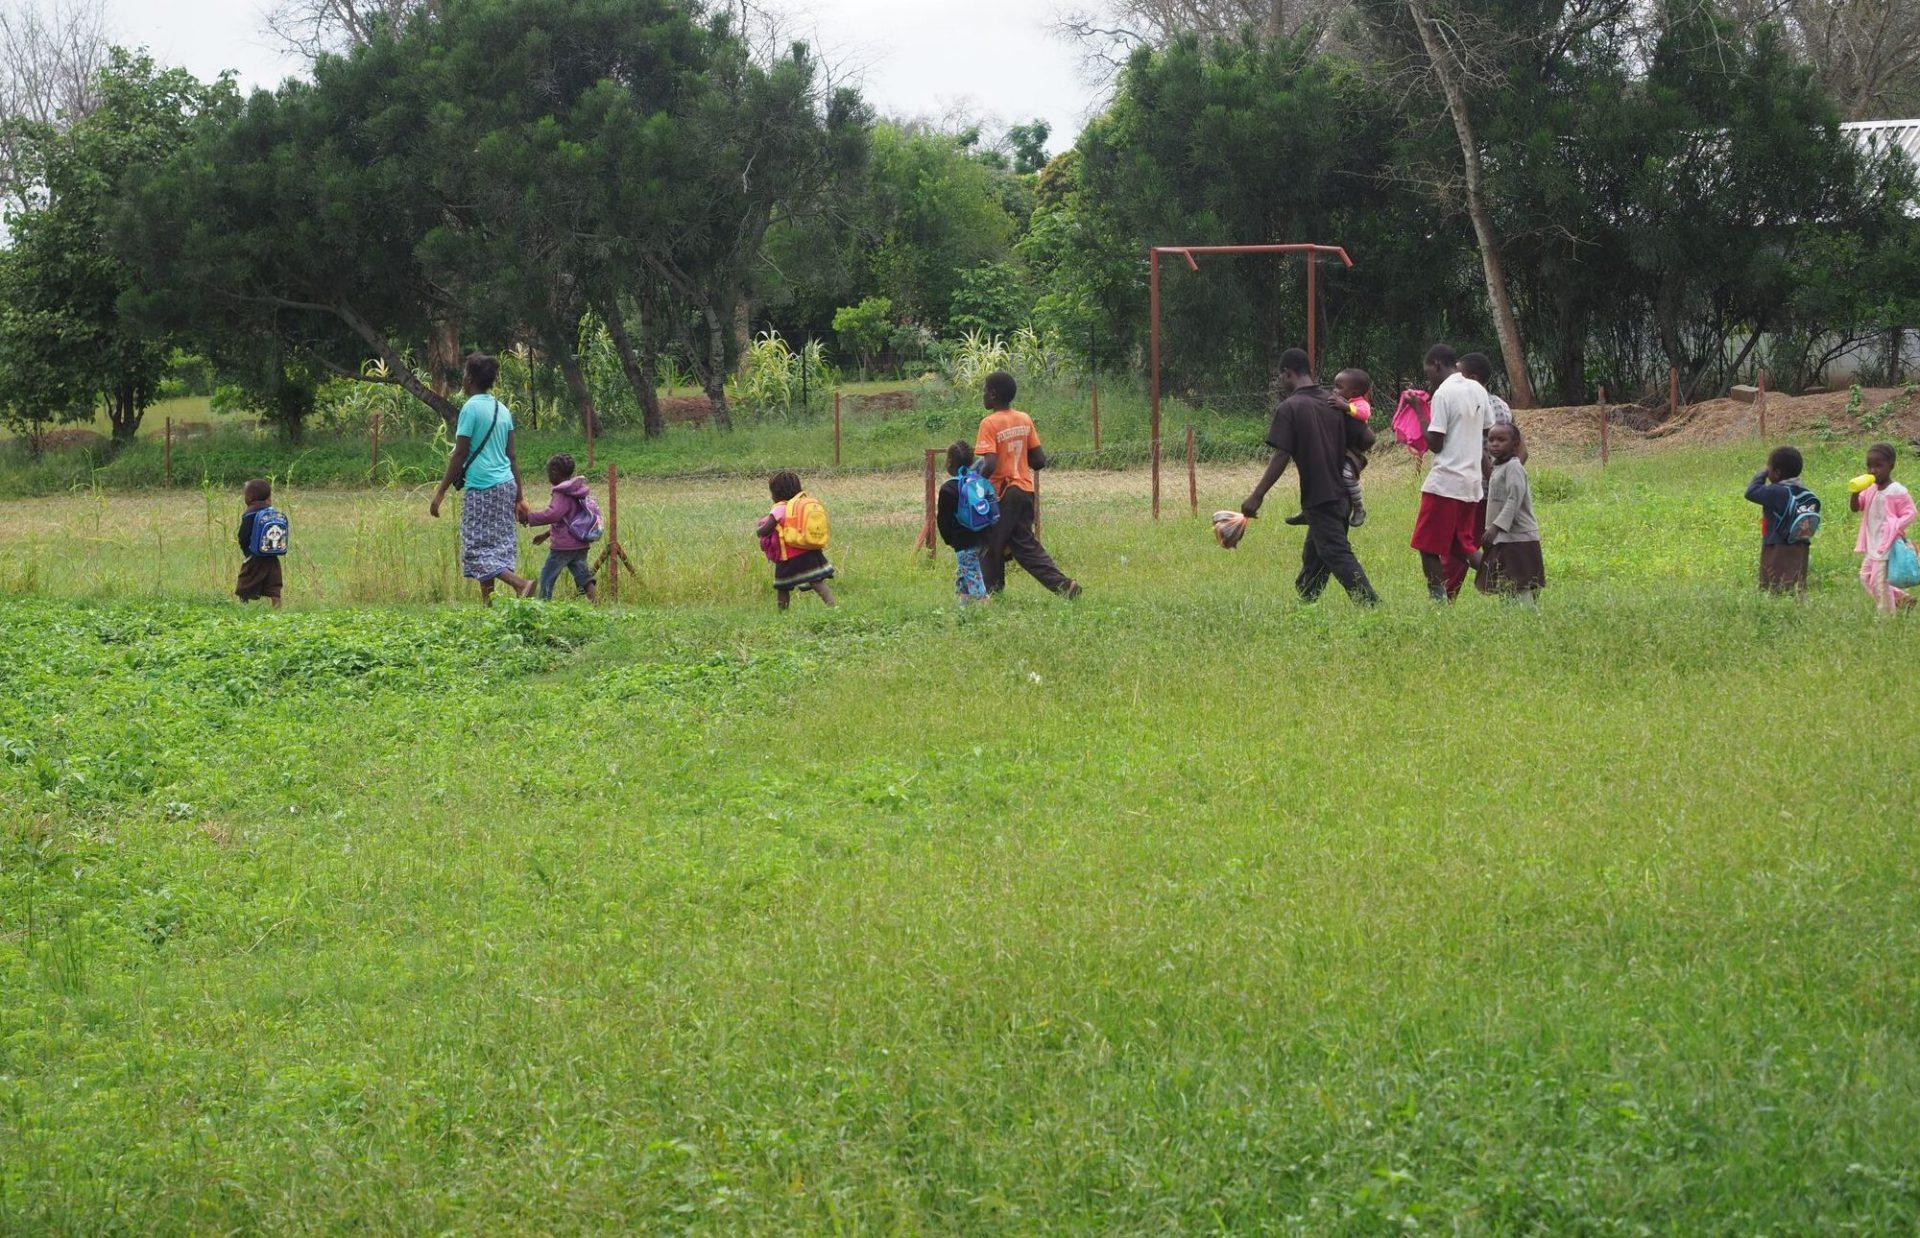 Ouders en kinderen lopen naar school in Zambia.